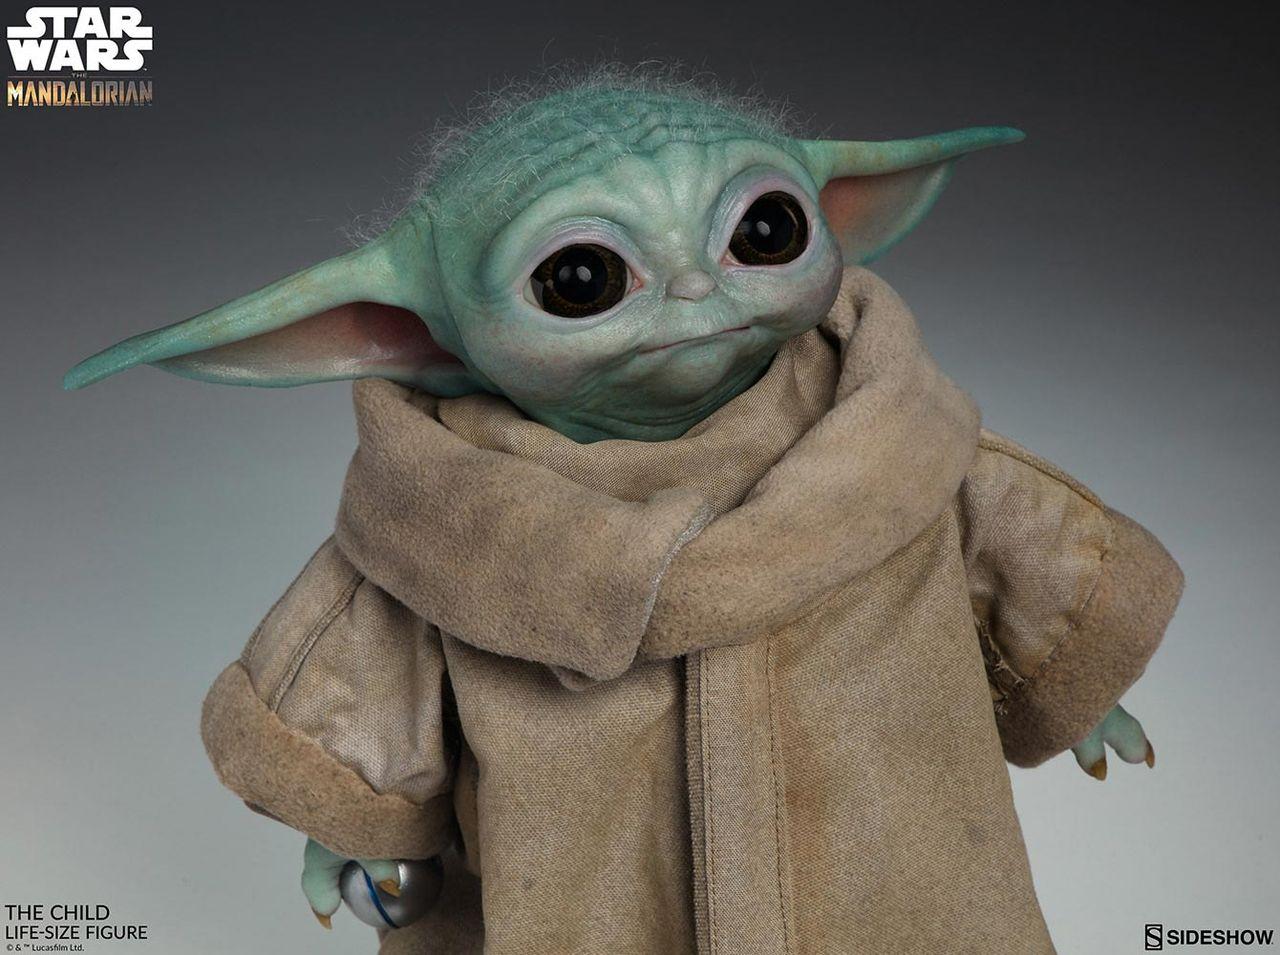 Snart kan du skaffa en Baby Yoda i naturlig storlek